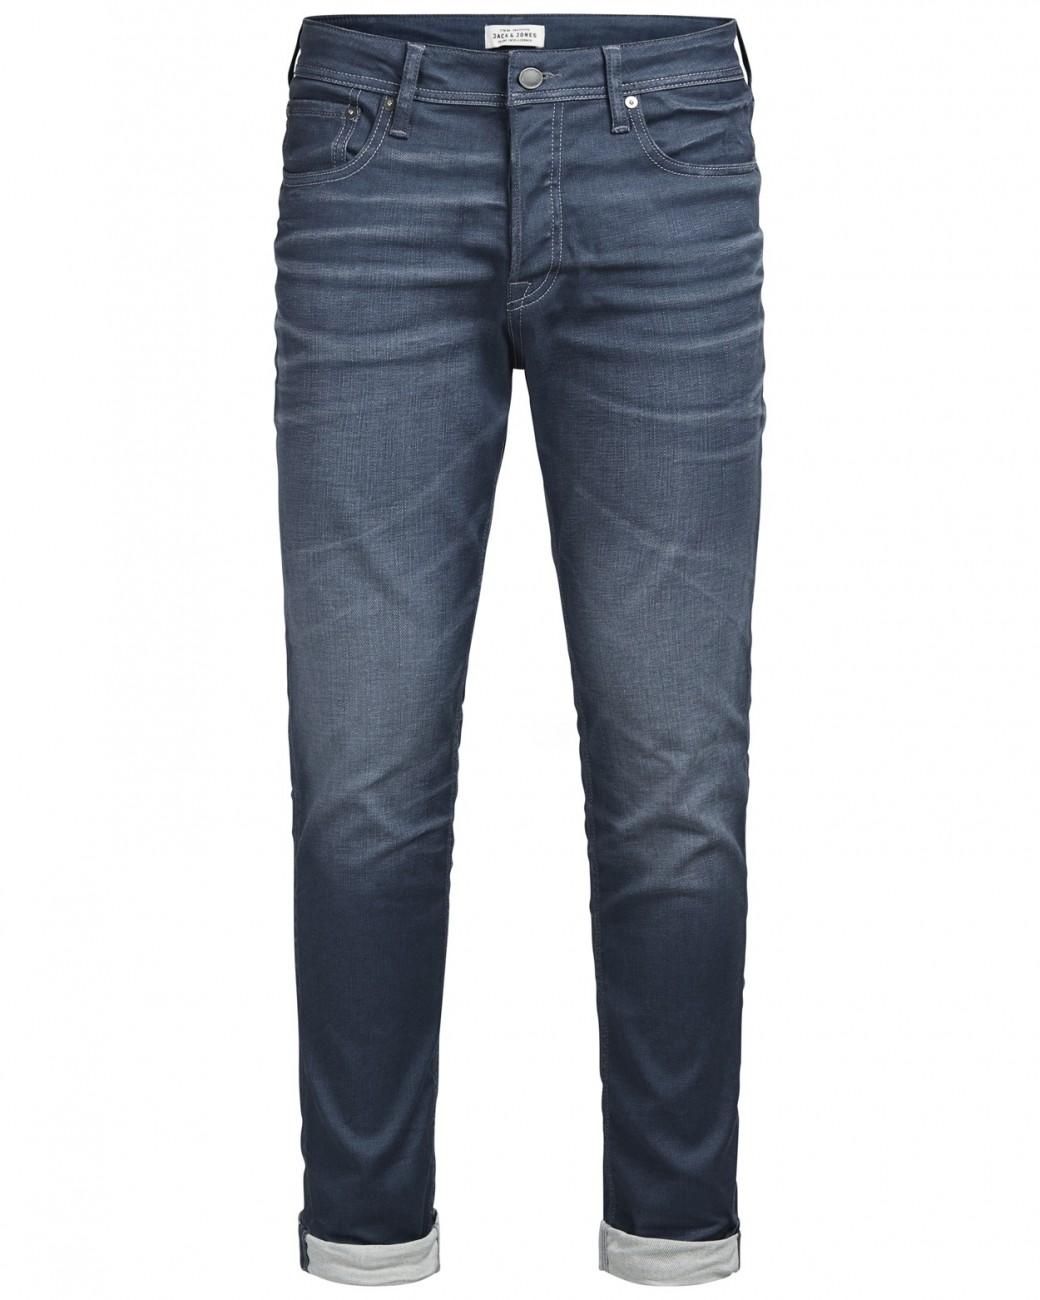 jack jones herren jeans jjitim jjoriginal jj 420 lid. Black Bedroom Furniture Sets. Home Design Ideas